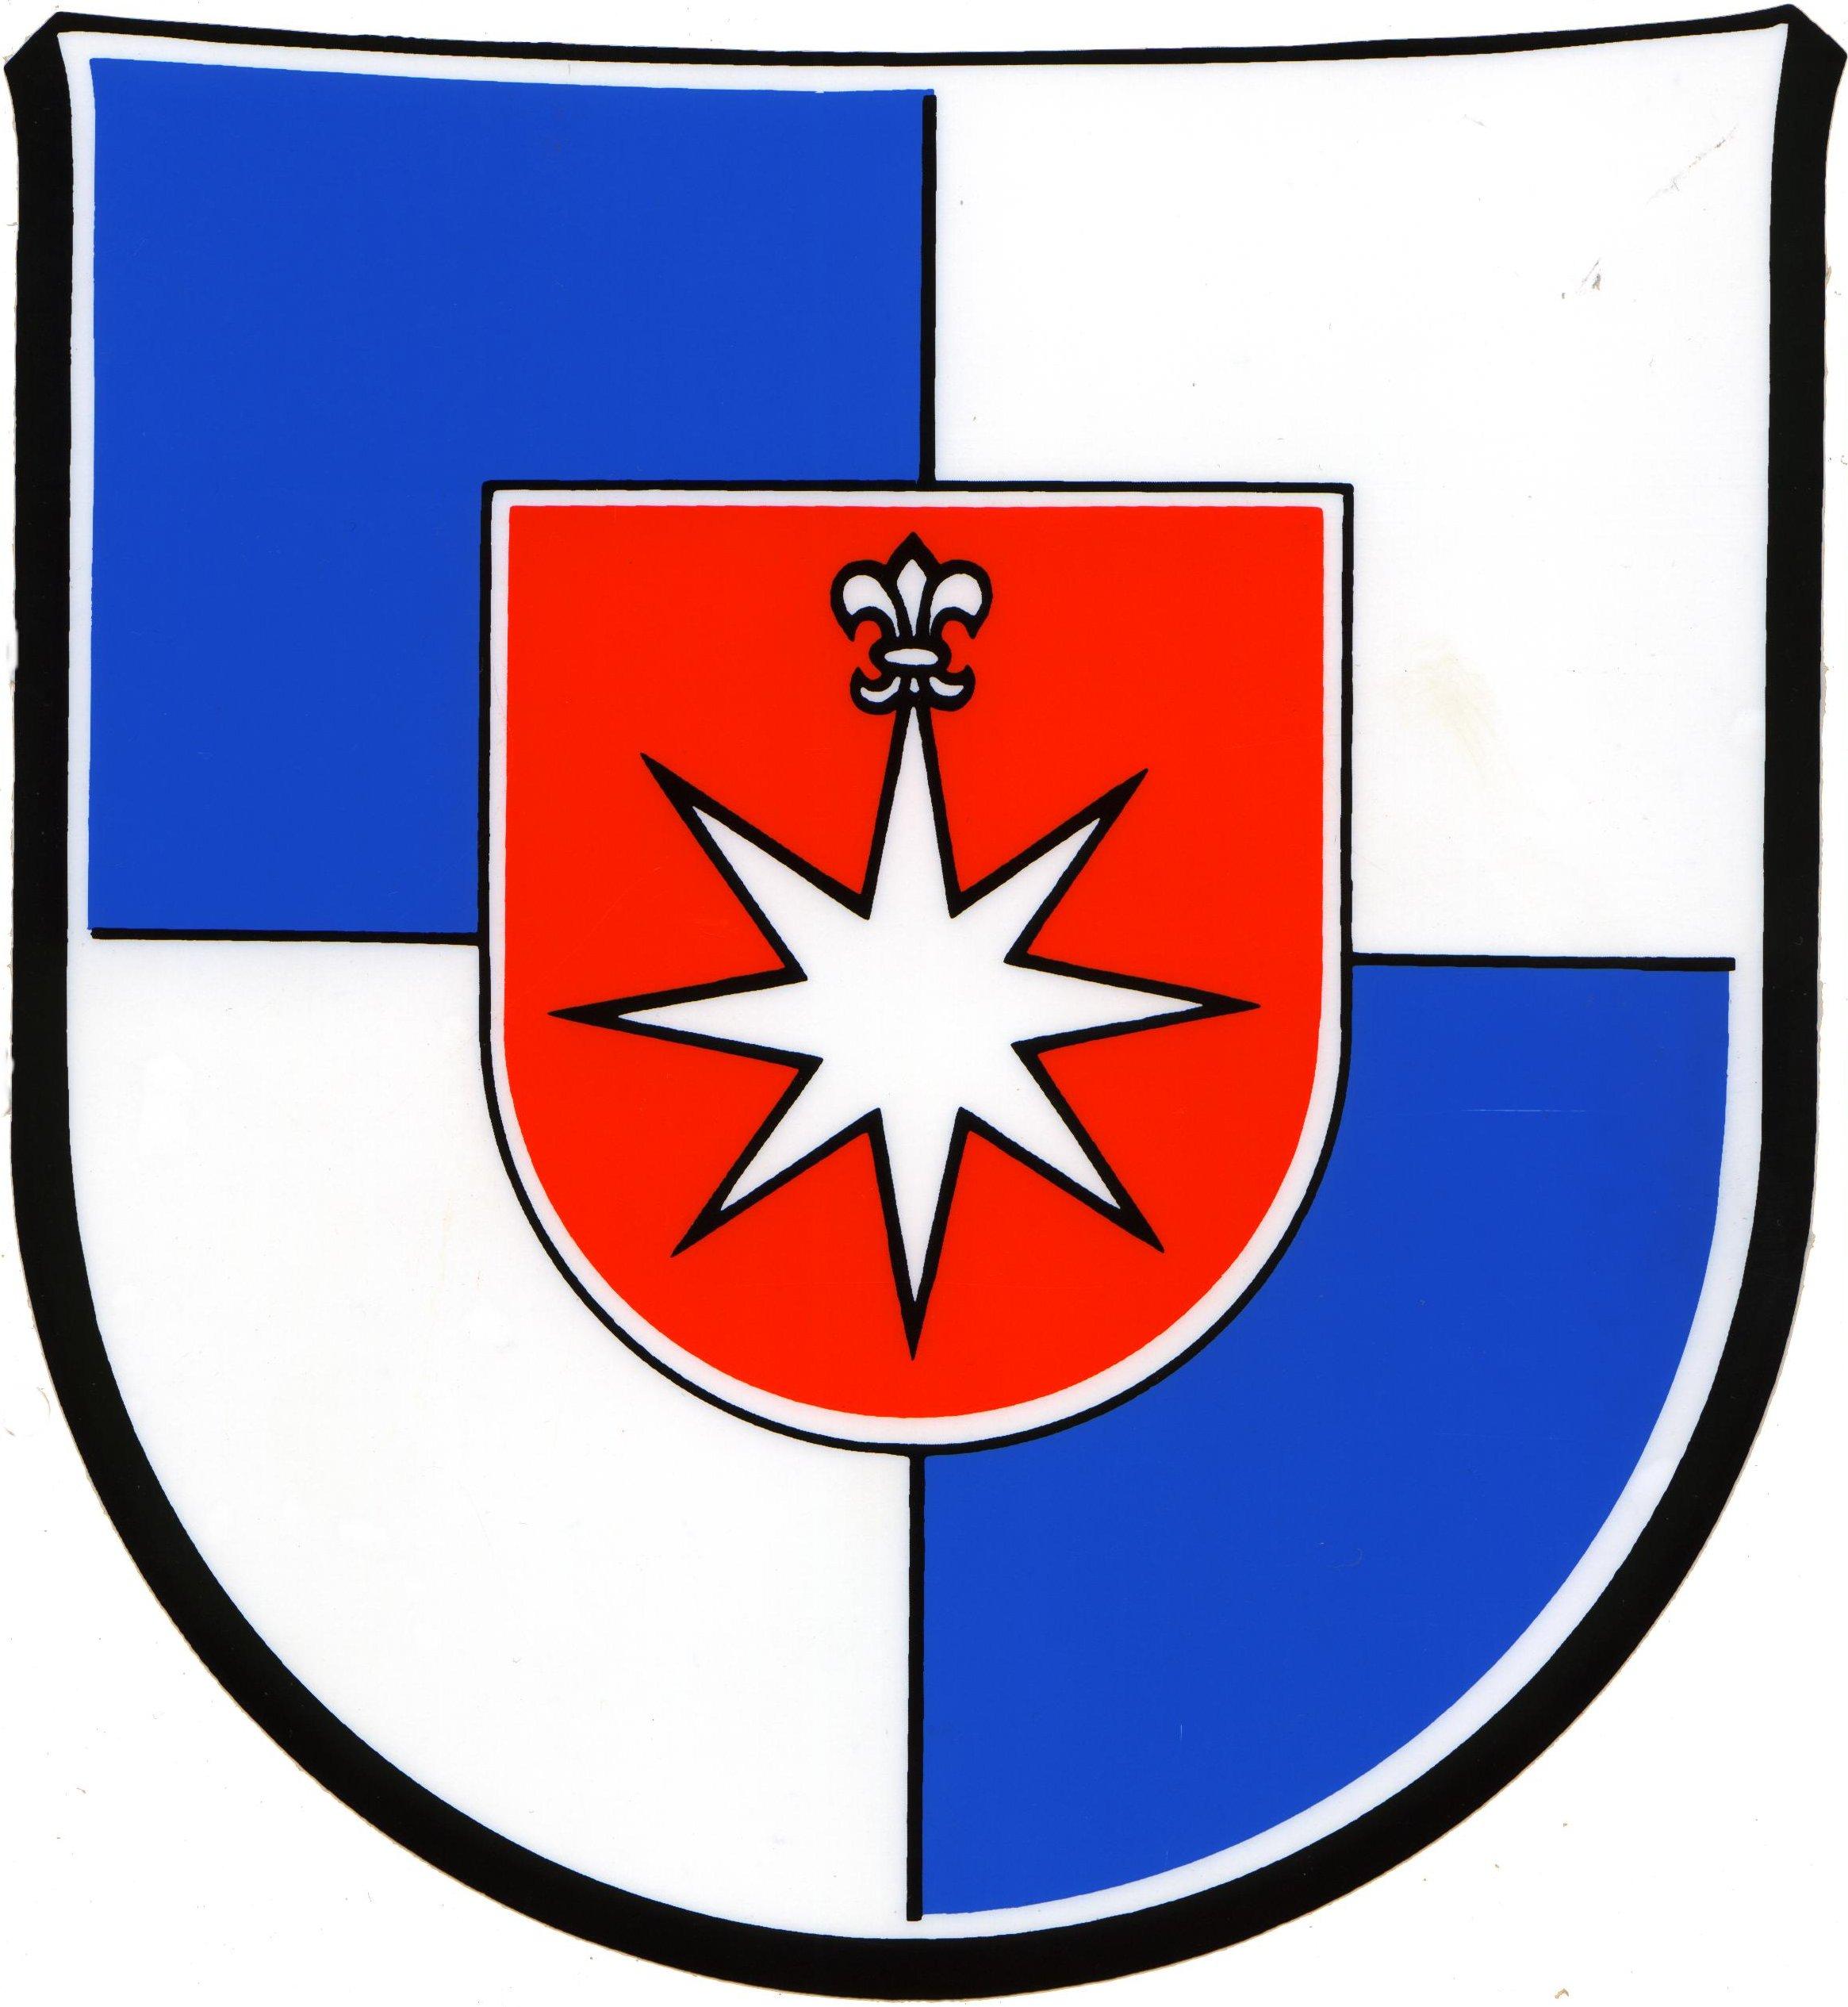 Haus Norderstedt: Norderstedt Mitte